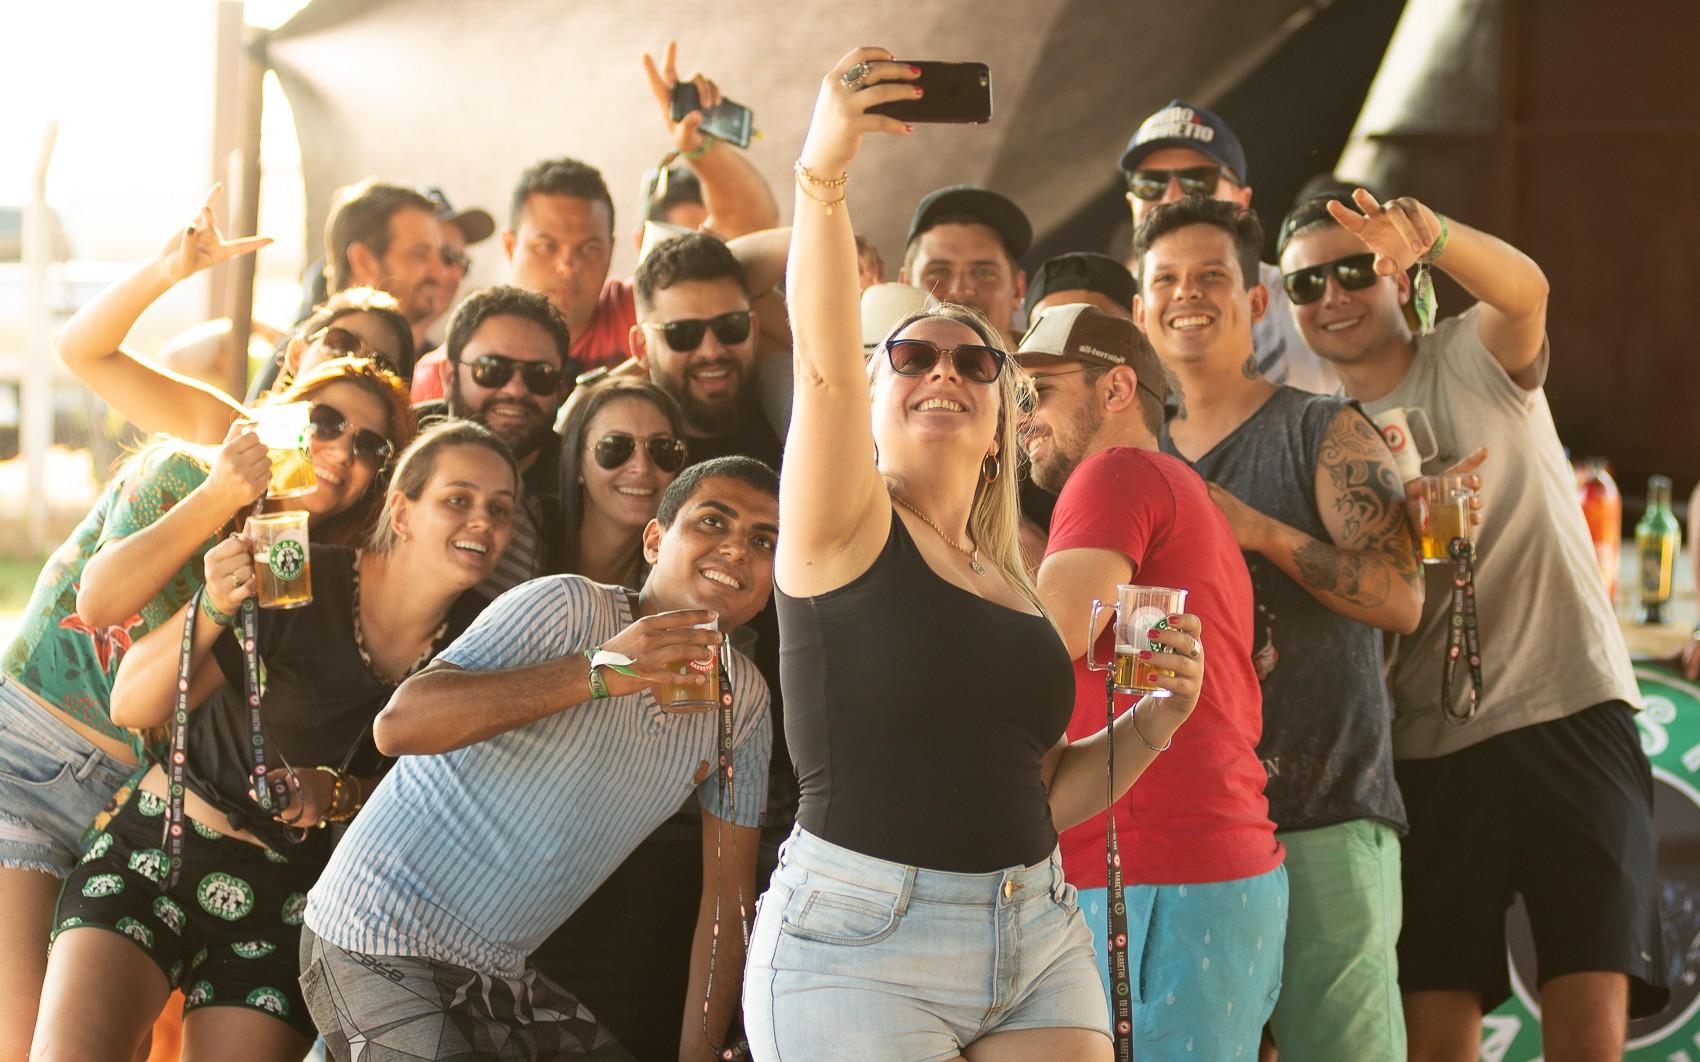 Em busca de diversão, hóspedes curtem festas que duram 24 horas por dia em Barretos, SP